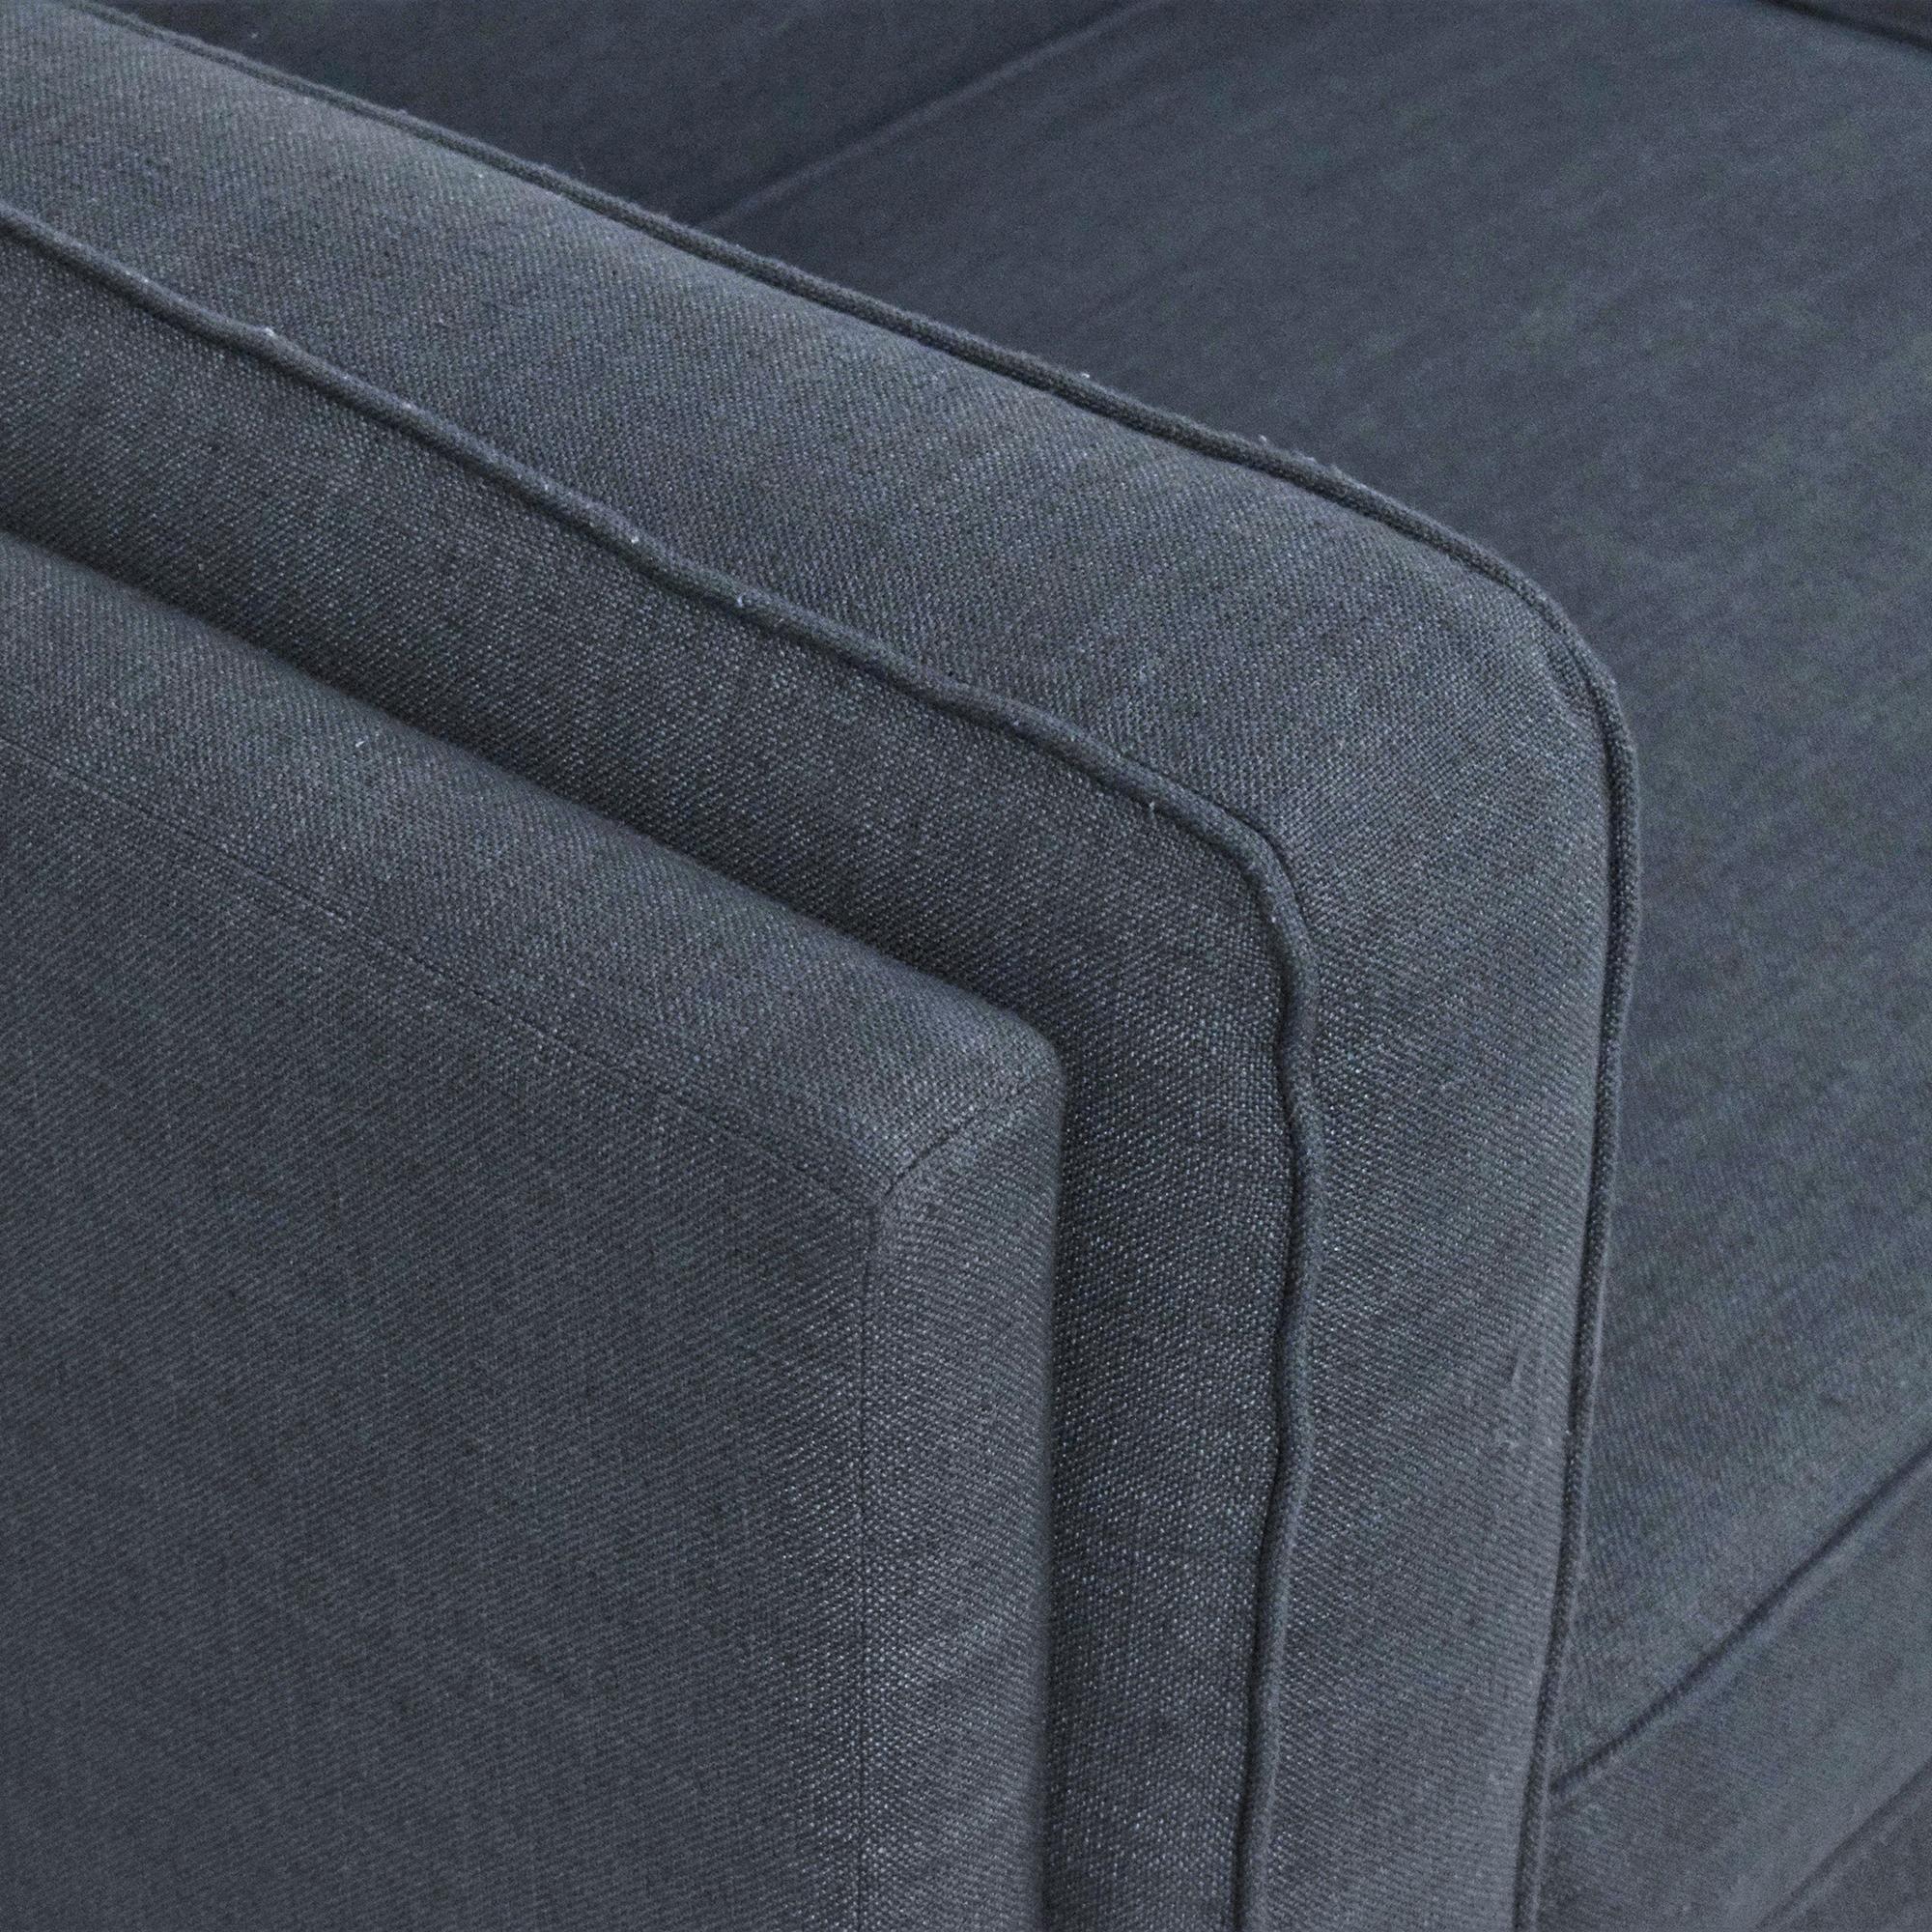 buy Blu Dot Bank Sofa Blu Dot Classic Sofas